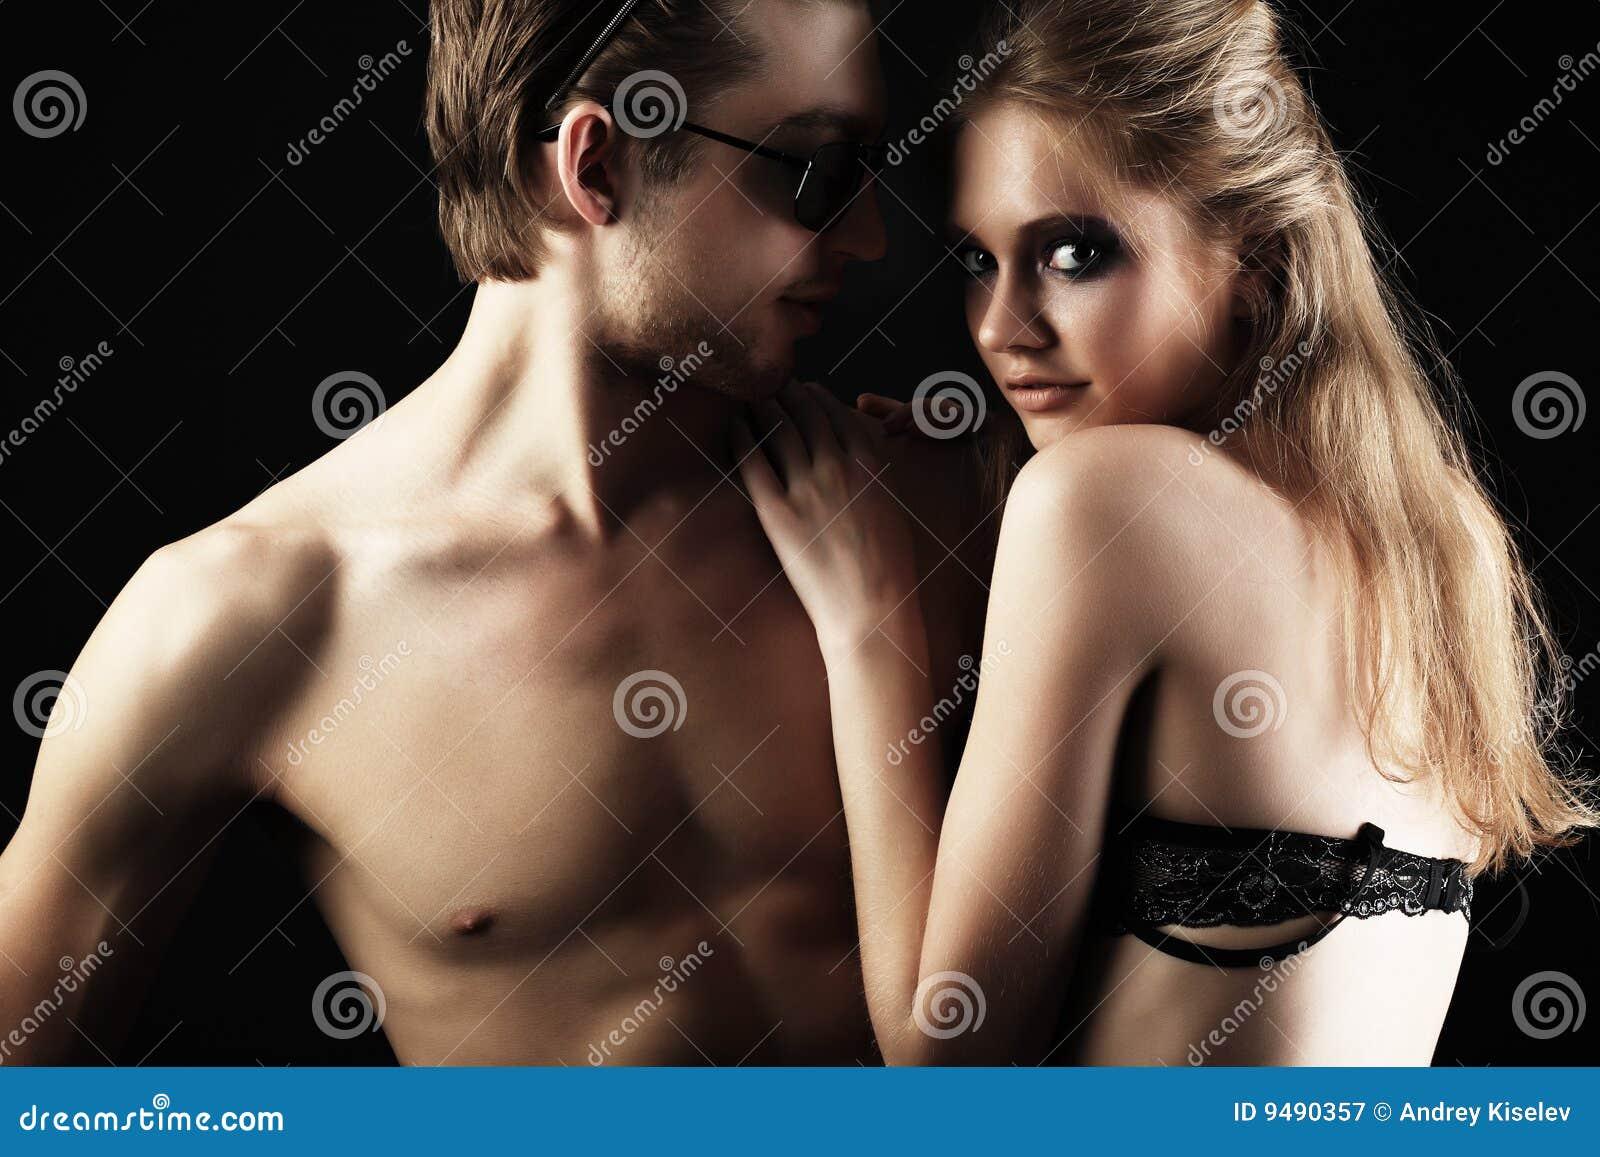 Тайные сексуальные фантазии 8 фотография